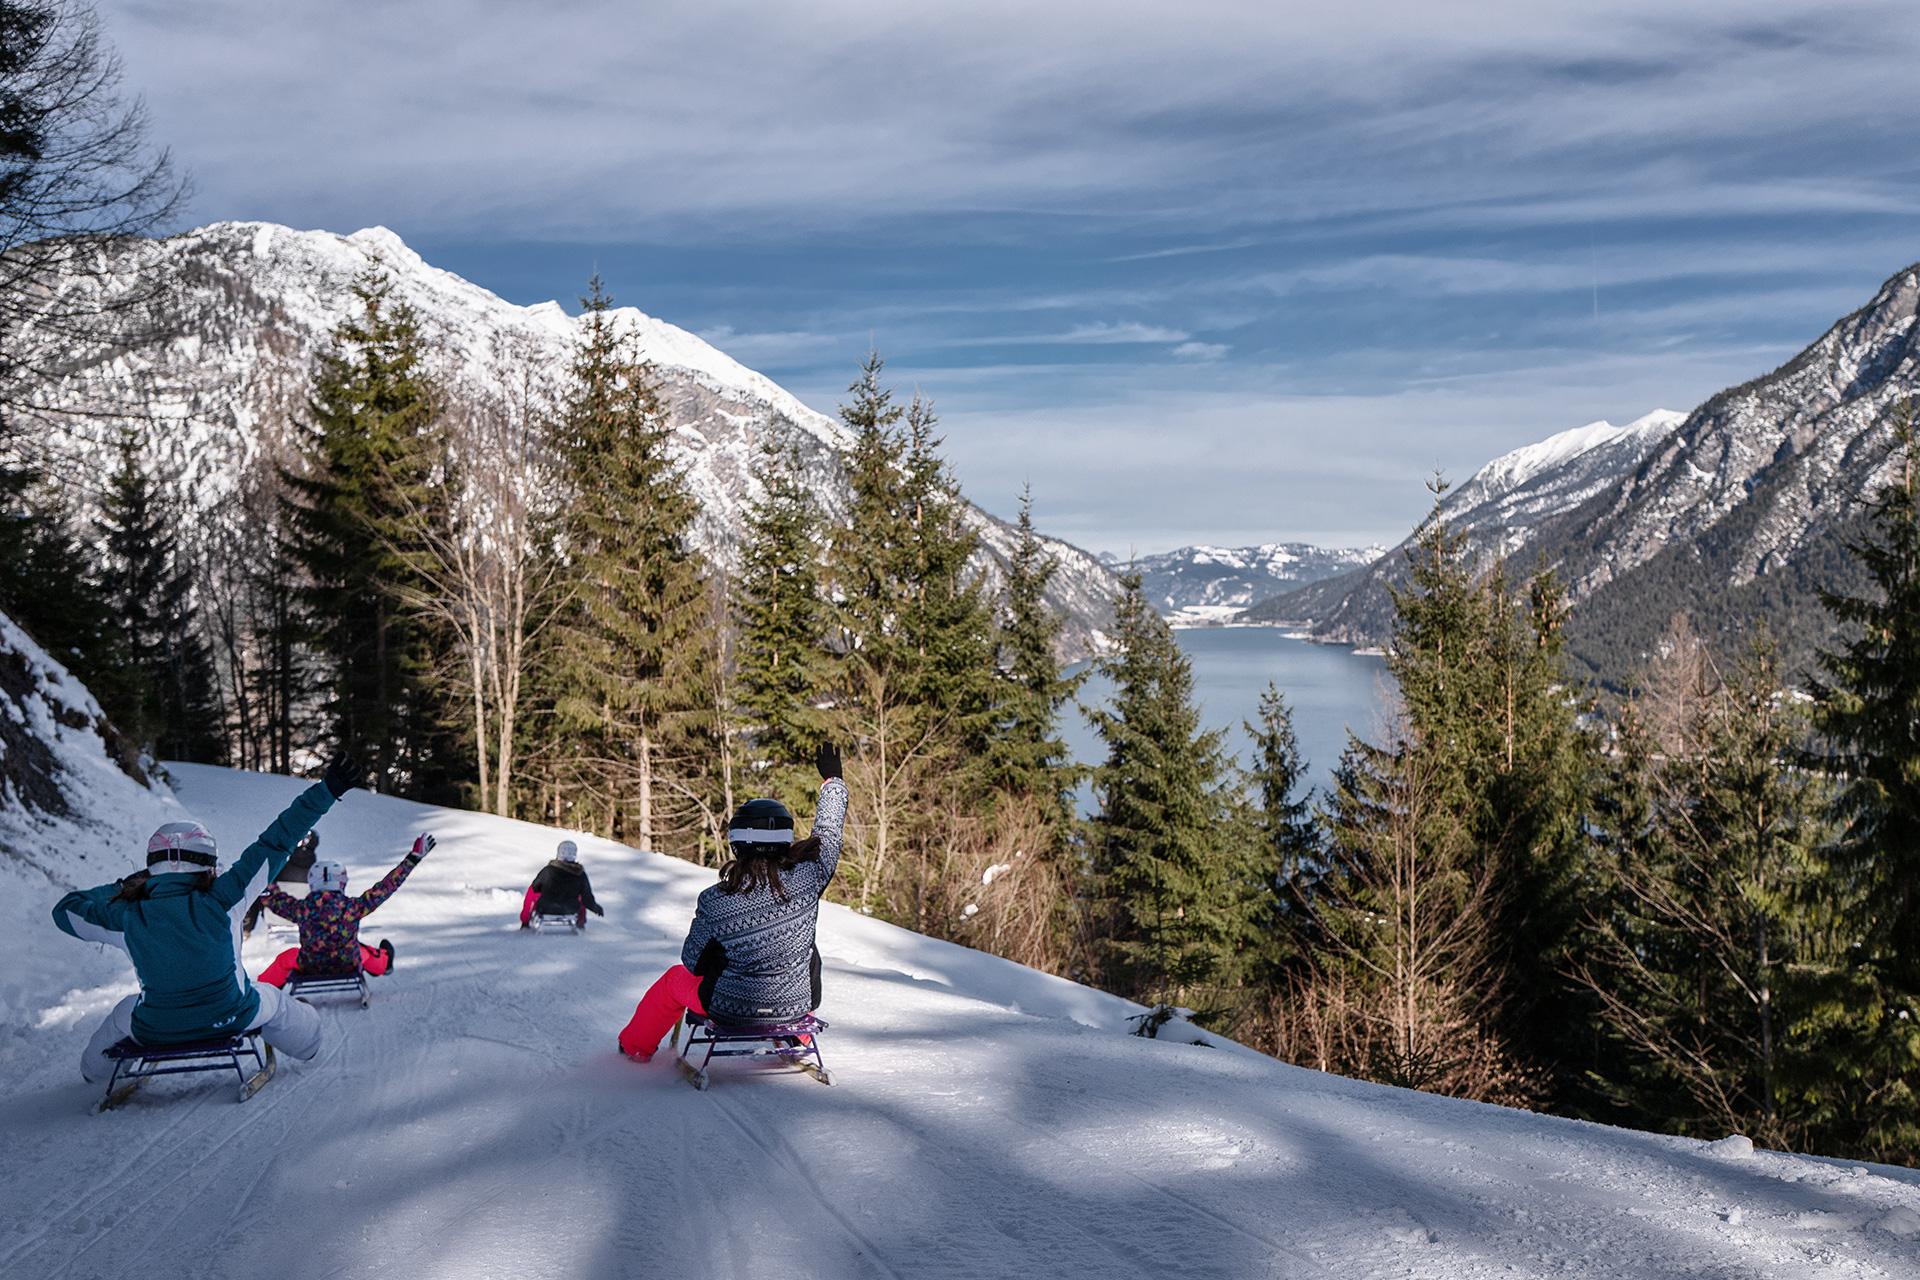 Skigebiet & Pistenplan - Skigebiet Nauders Reschenpass - Tiroler Oberland -